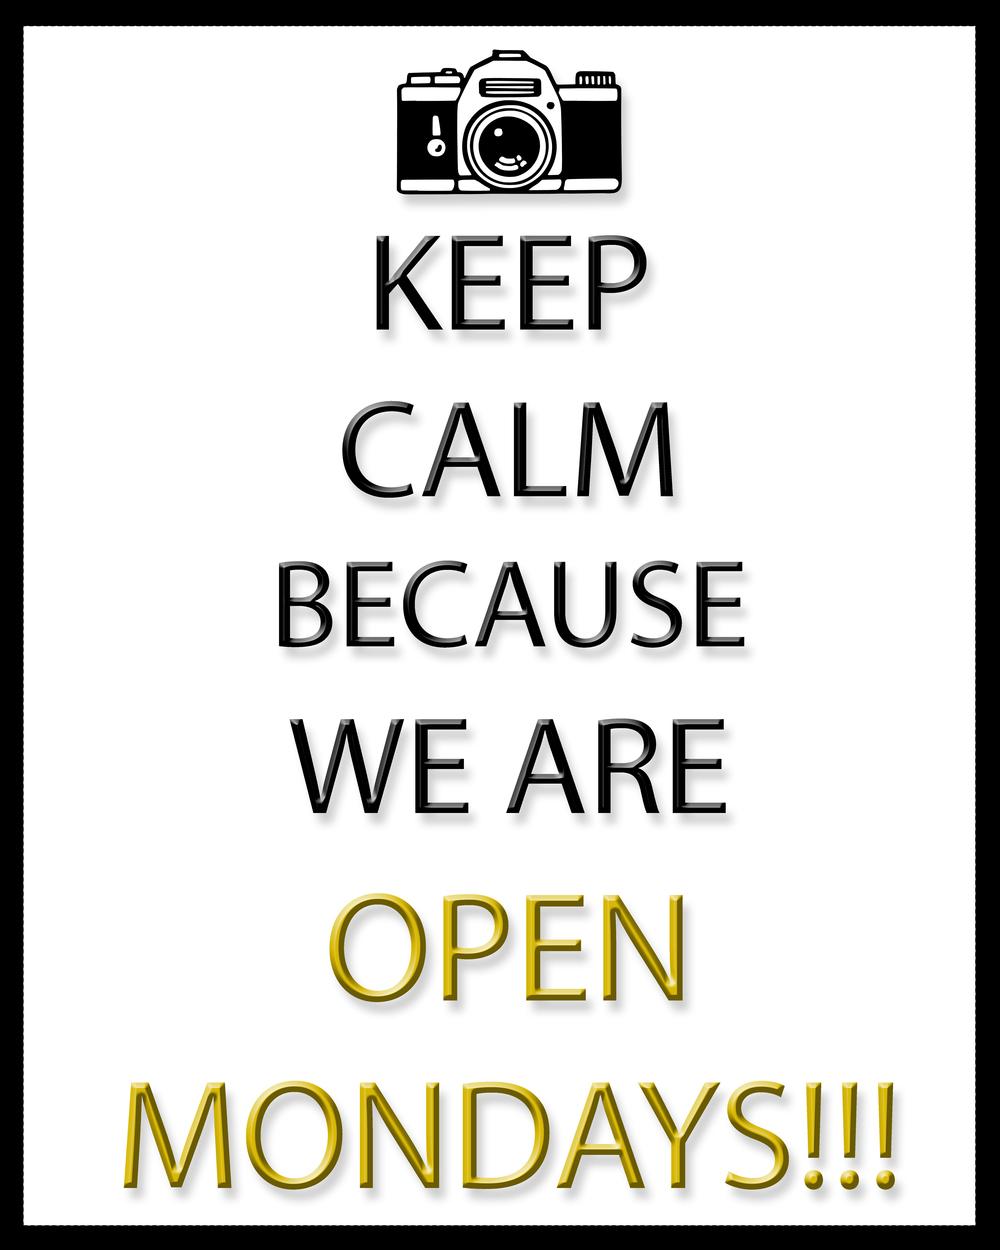 OPEN MONDAYS.jpg